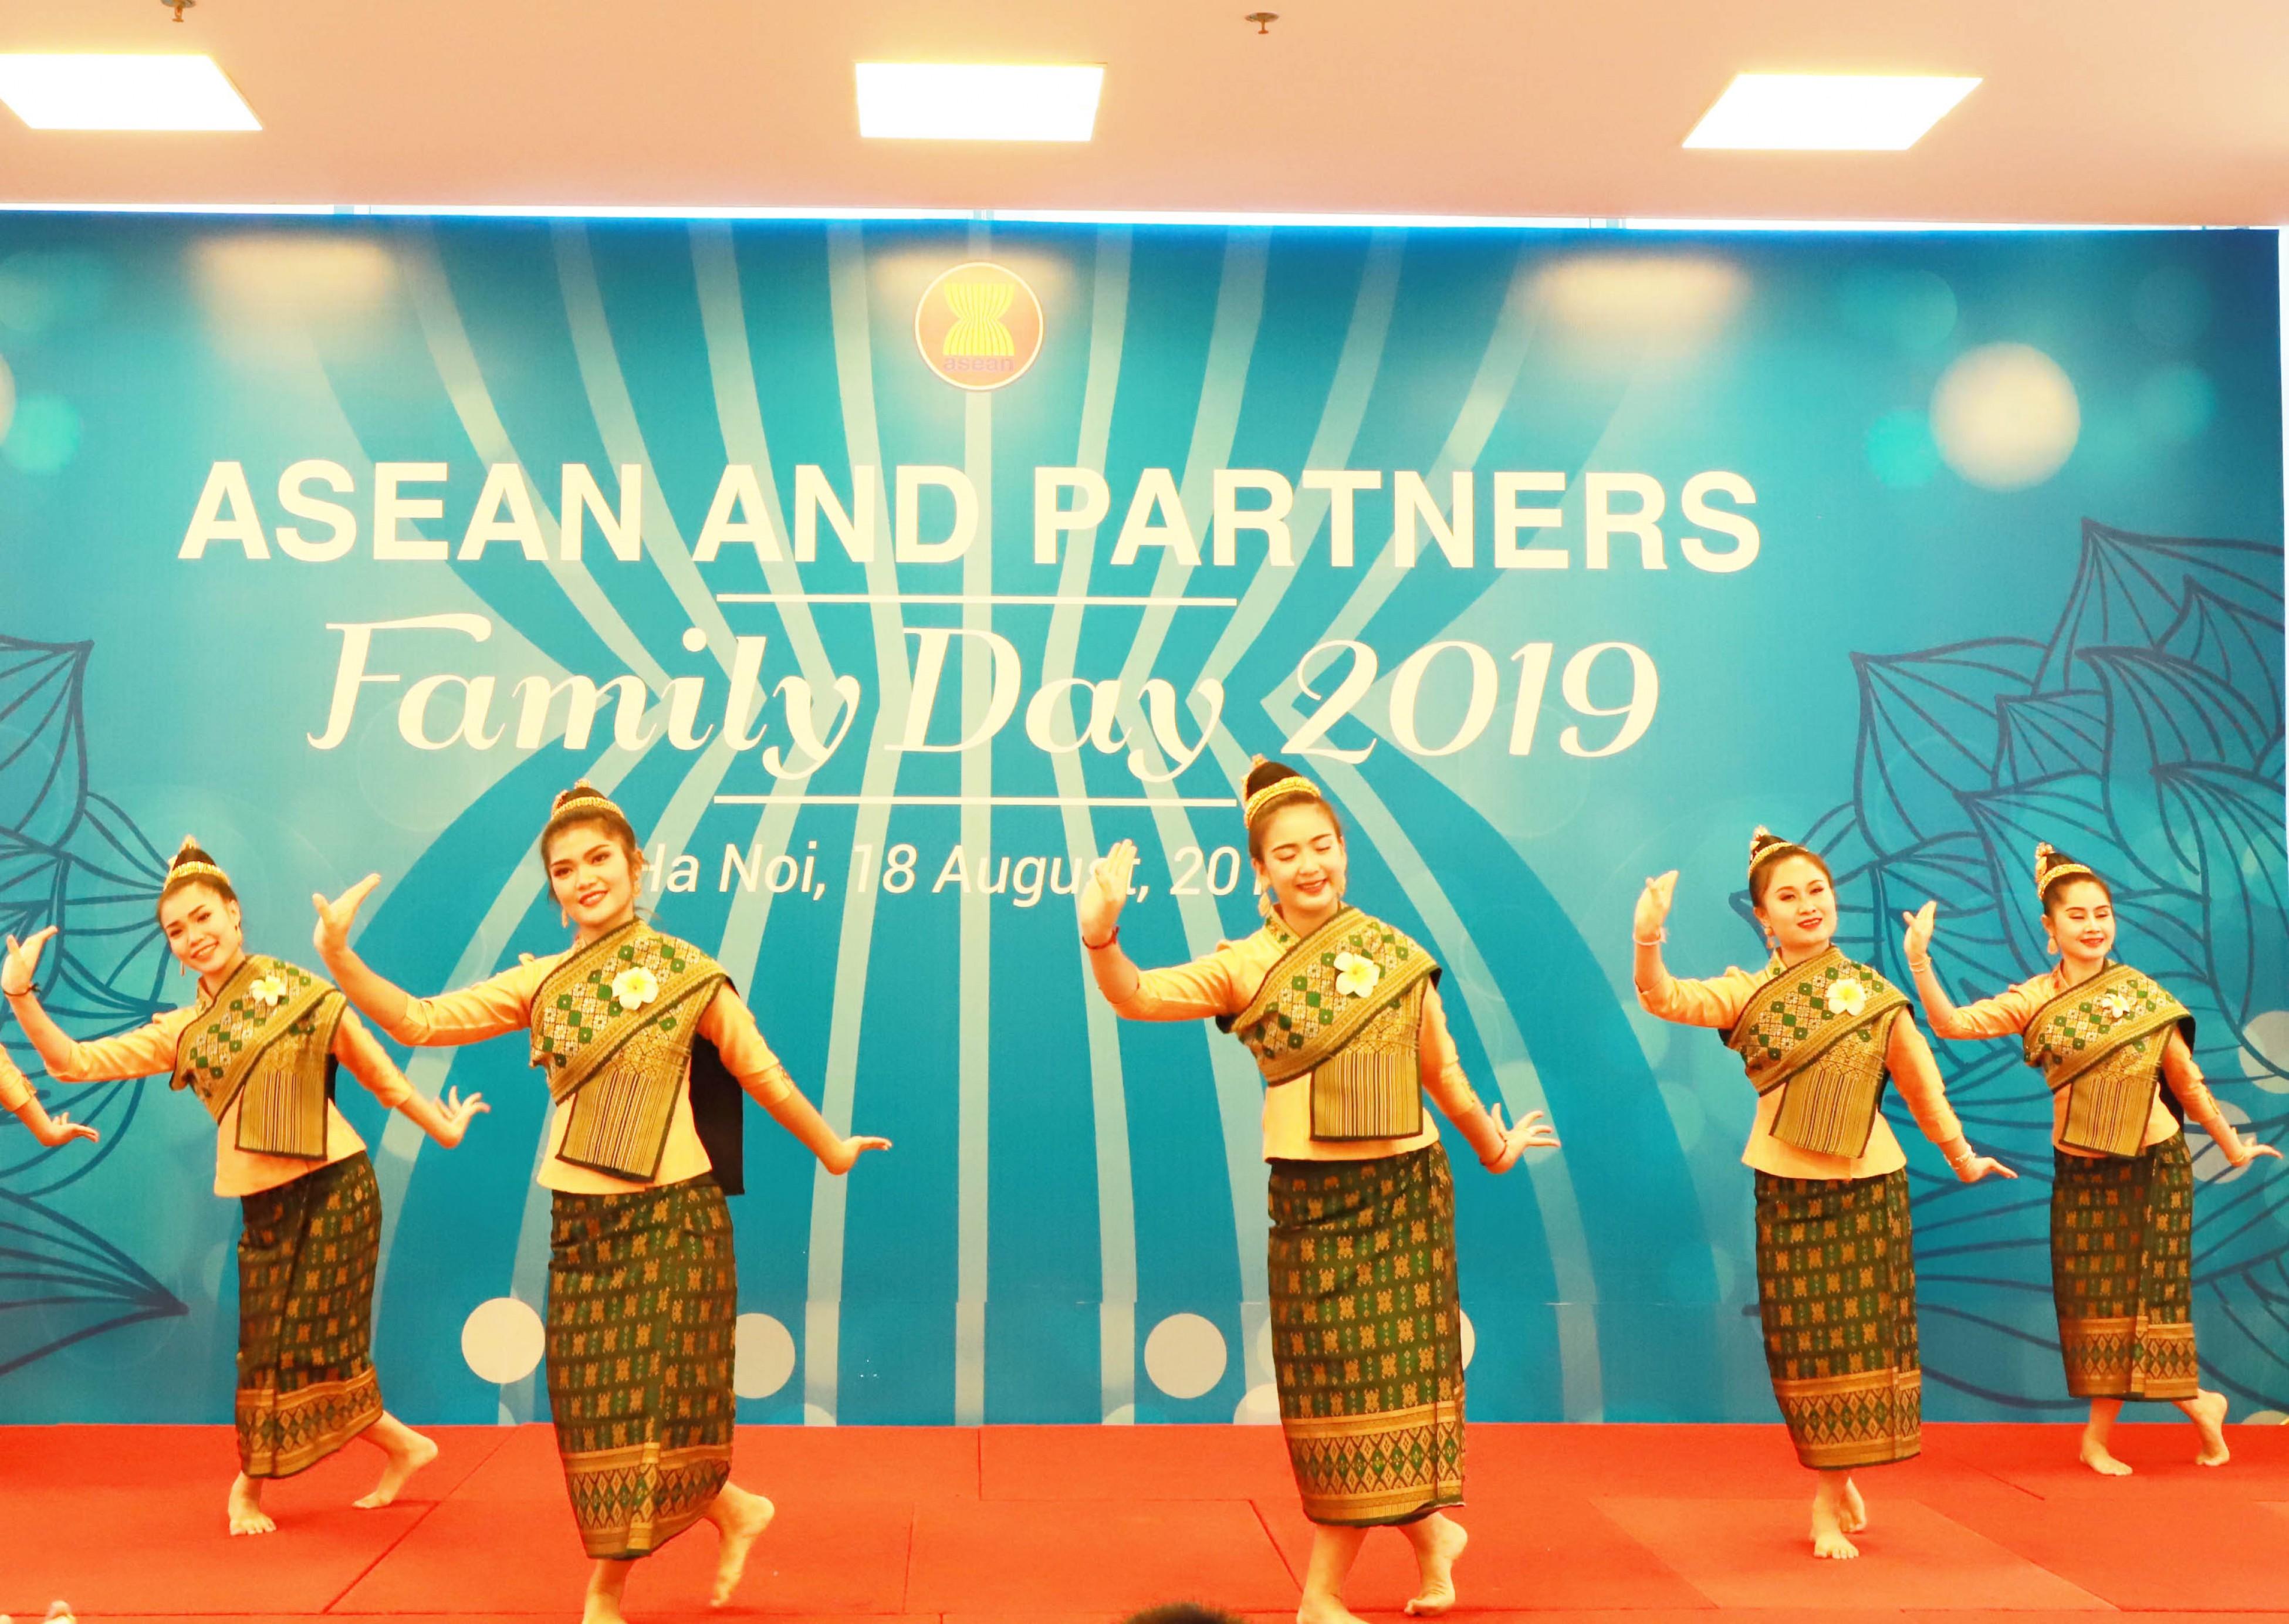 """ASEAN đang trong nửa chặng đường thực hiện Tầm nhìn Cộng đồng ASEAN 2025 với mục tiêu """"Tăng cường quan hệ đối tác vì sự bền vững"""" và phát triển toàn diện. Đại sứ cũng bày tỏ tin tưởng và khuyến khích thế hệ trẻ ASEAN tích cực học tập, trau dồi, phát huy tinh thần đoàn kết, tự cường và sáng tạo để tiếp tục xây dựng Cộng đồng ASEAN phát triển vững mạnh trong tương lai."""